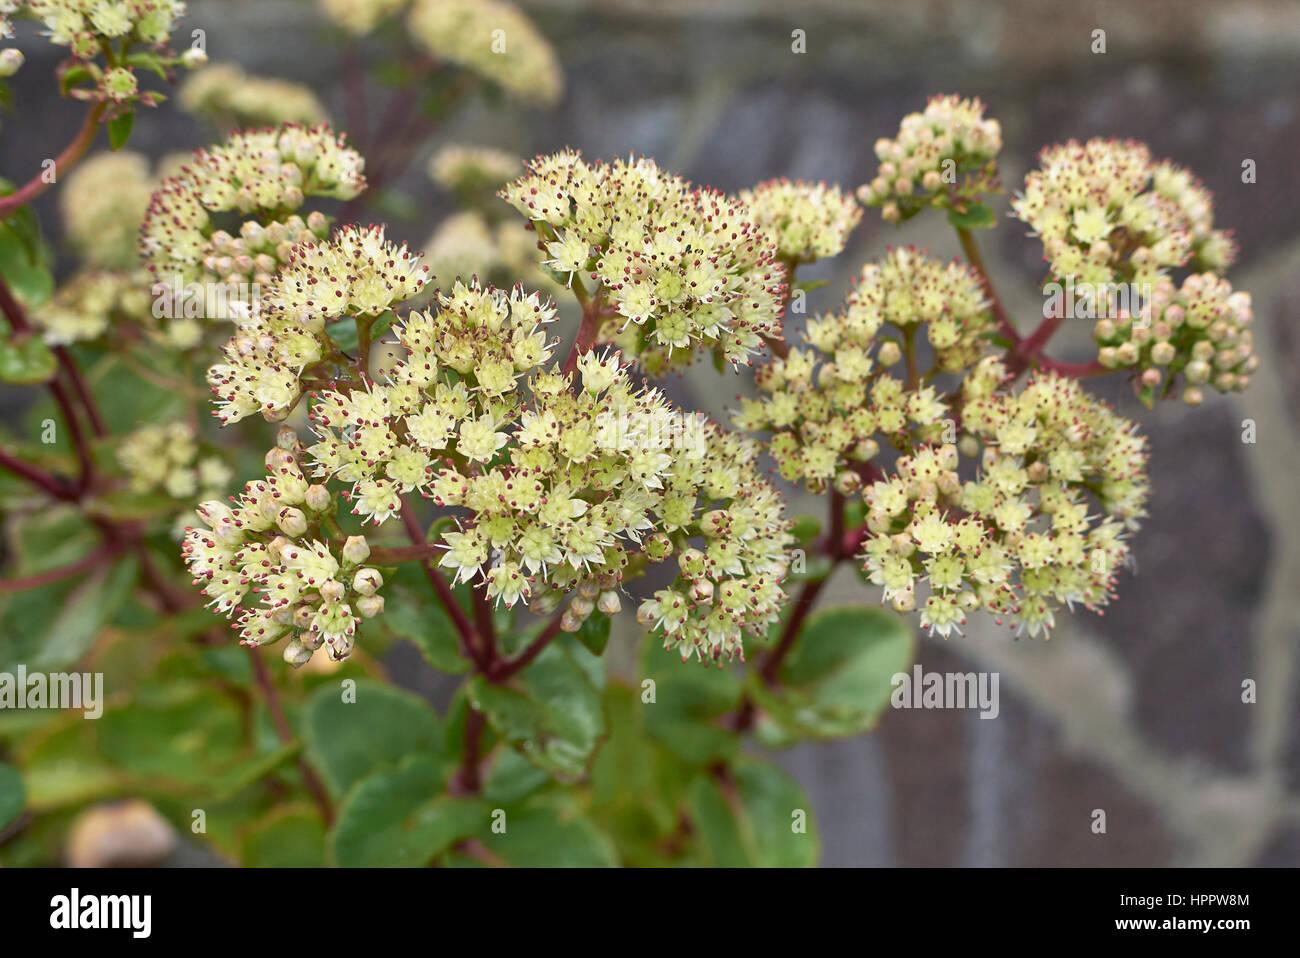 Sedum telephium flower - Stock Image